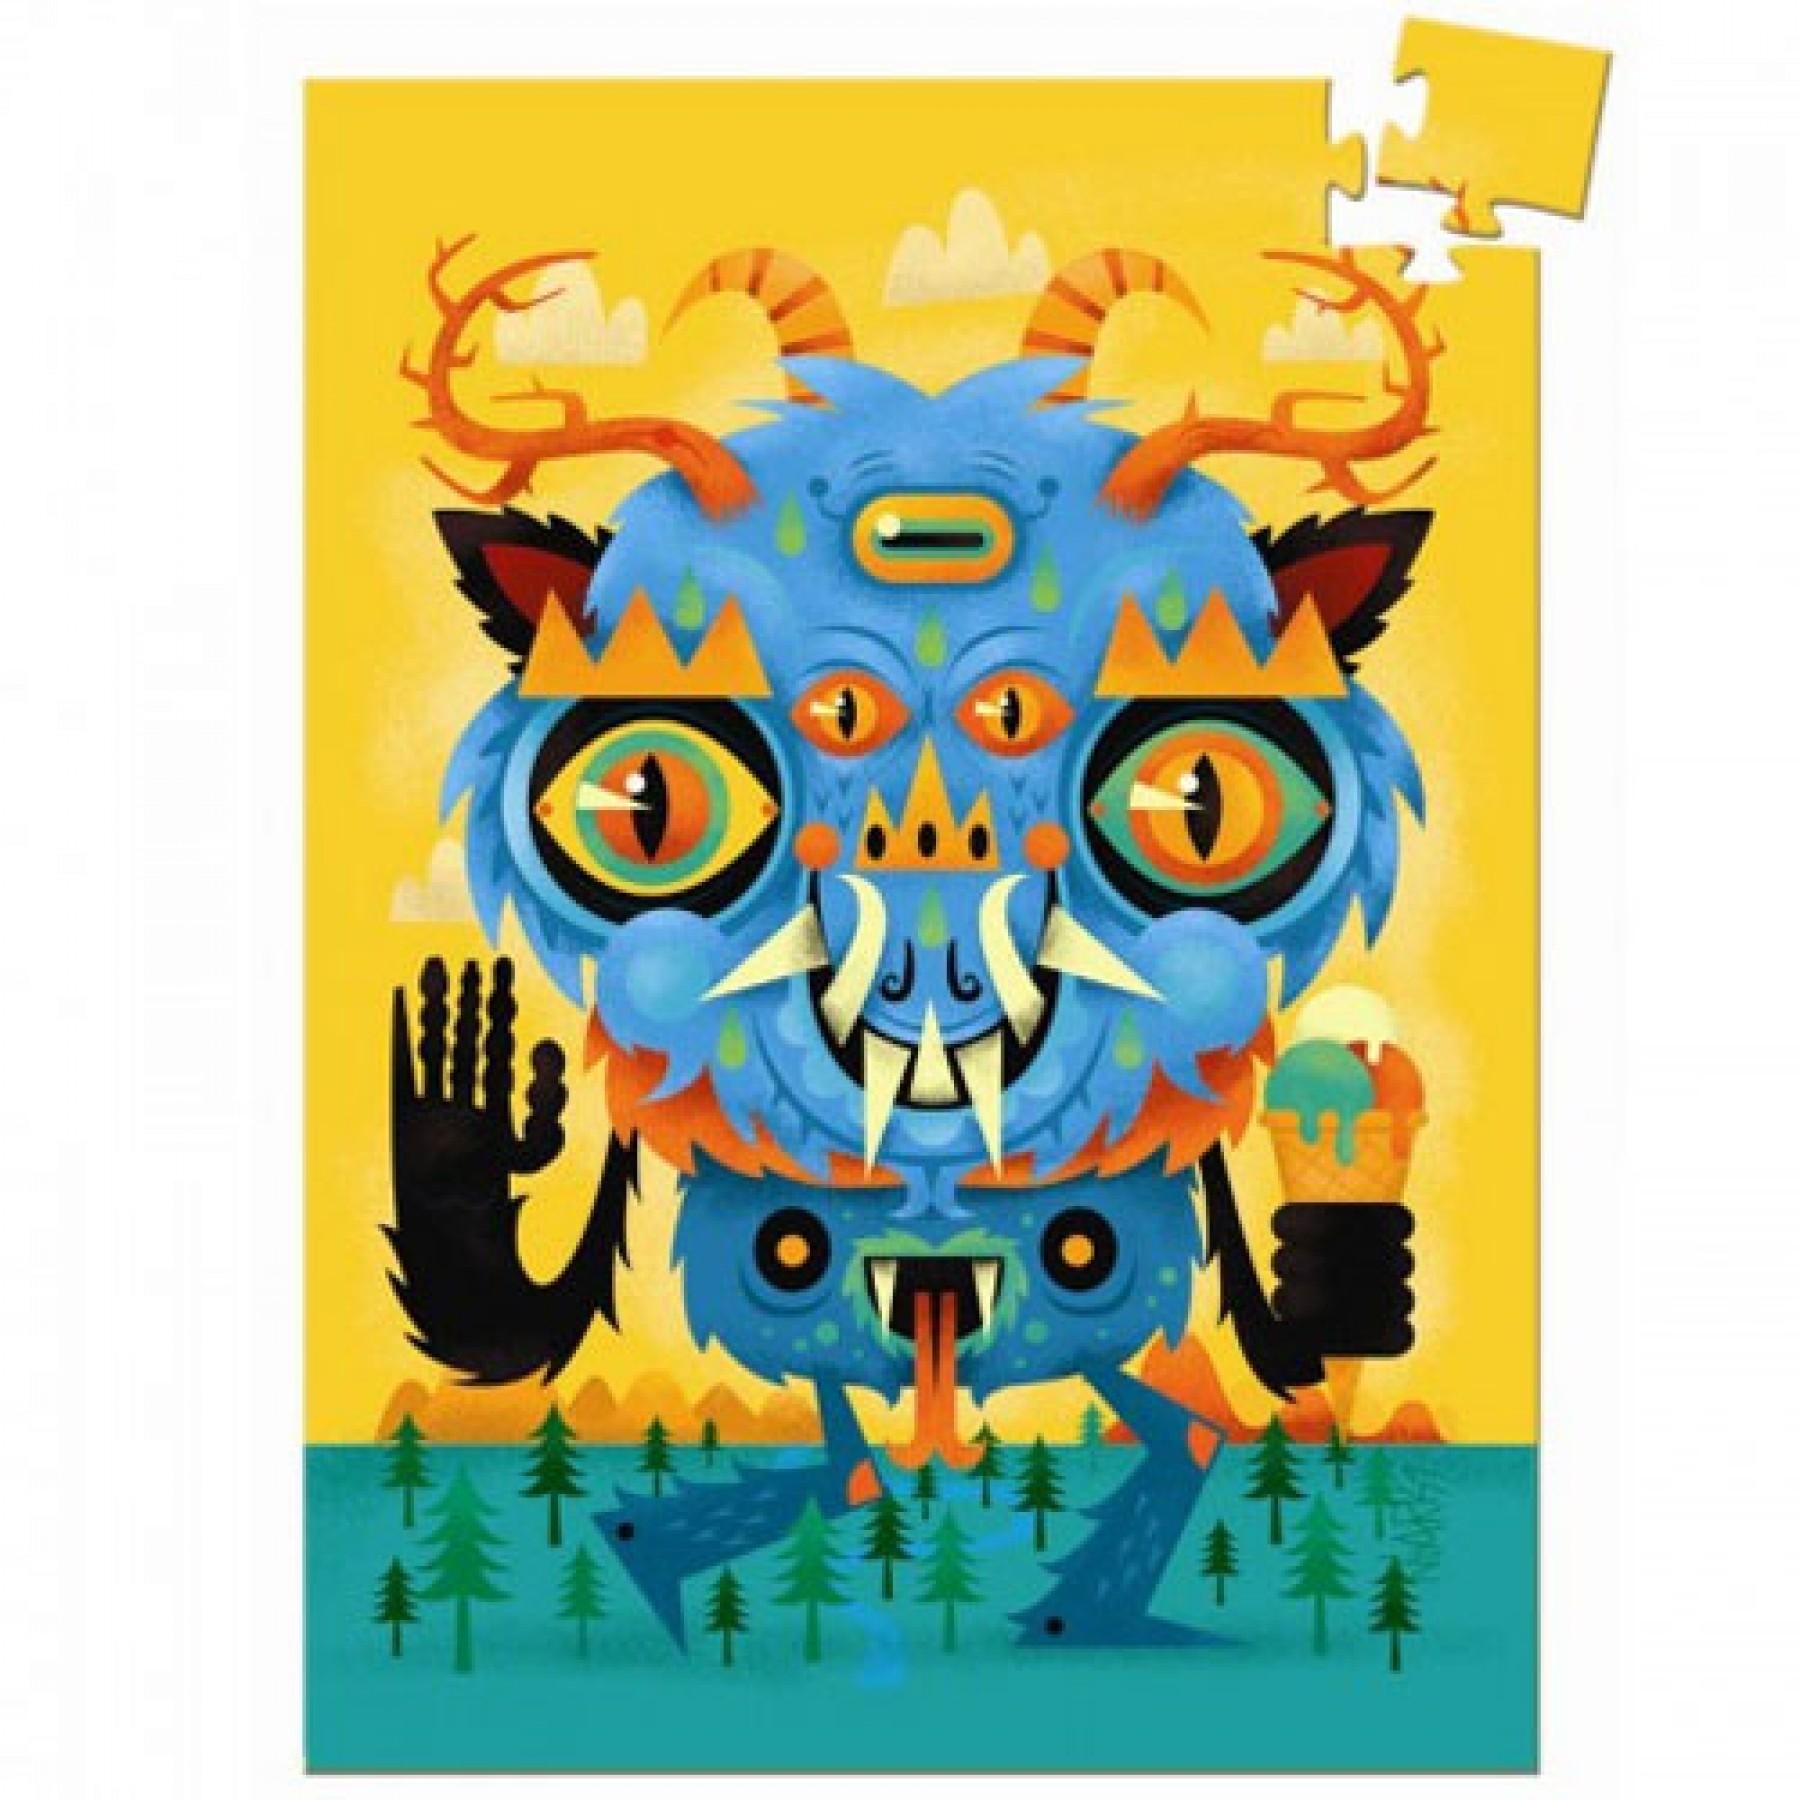 Mini dėlionė DJECO The Monster vaikams nuo 5 metų (DJ07673)